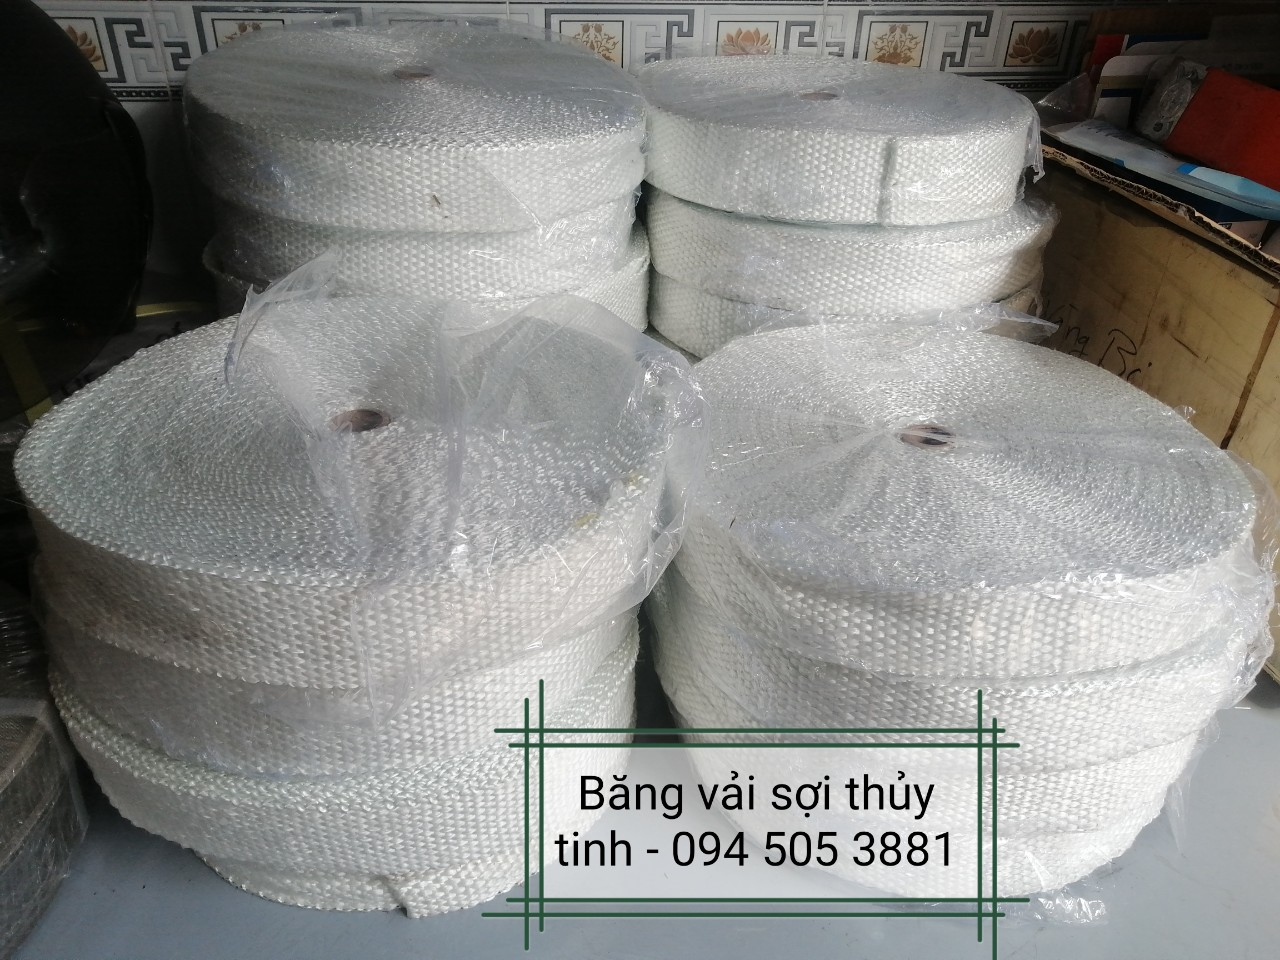 Vải sợi thủy tinh chịu nhiệt bản rộng 50mm, 100mm | Băng Vải Sợi Thủy Tinh trắng dầy 3mm